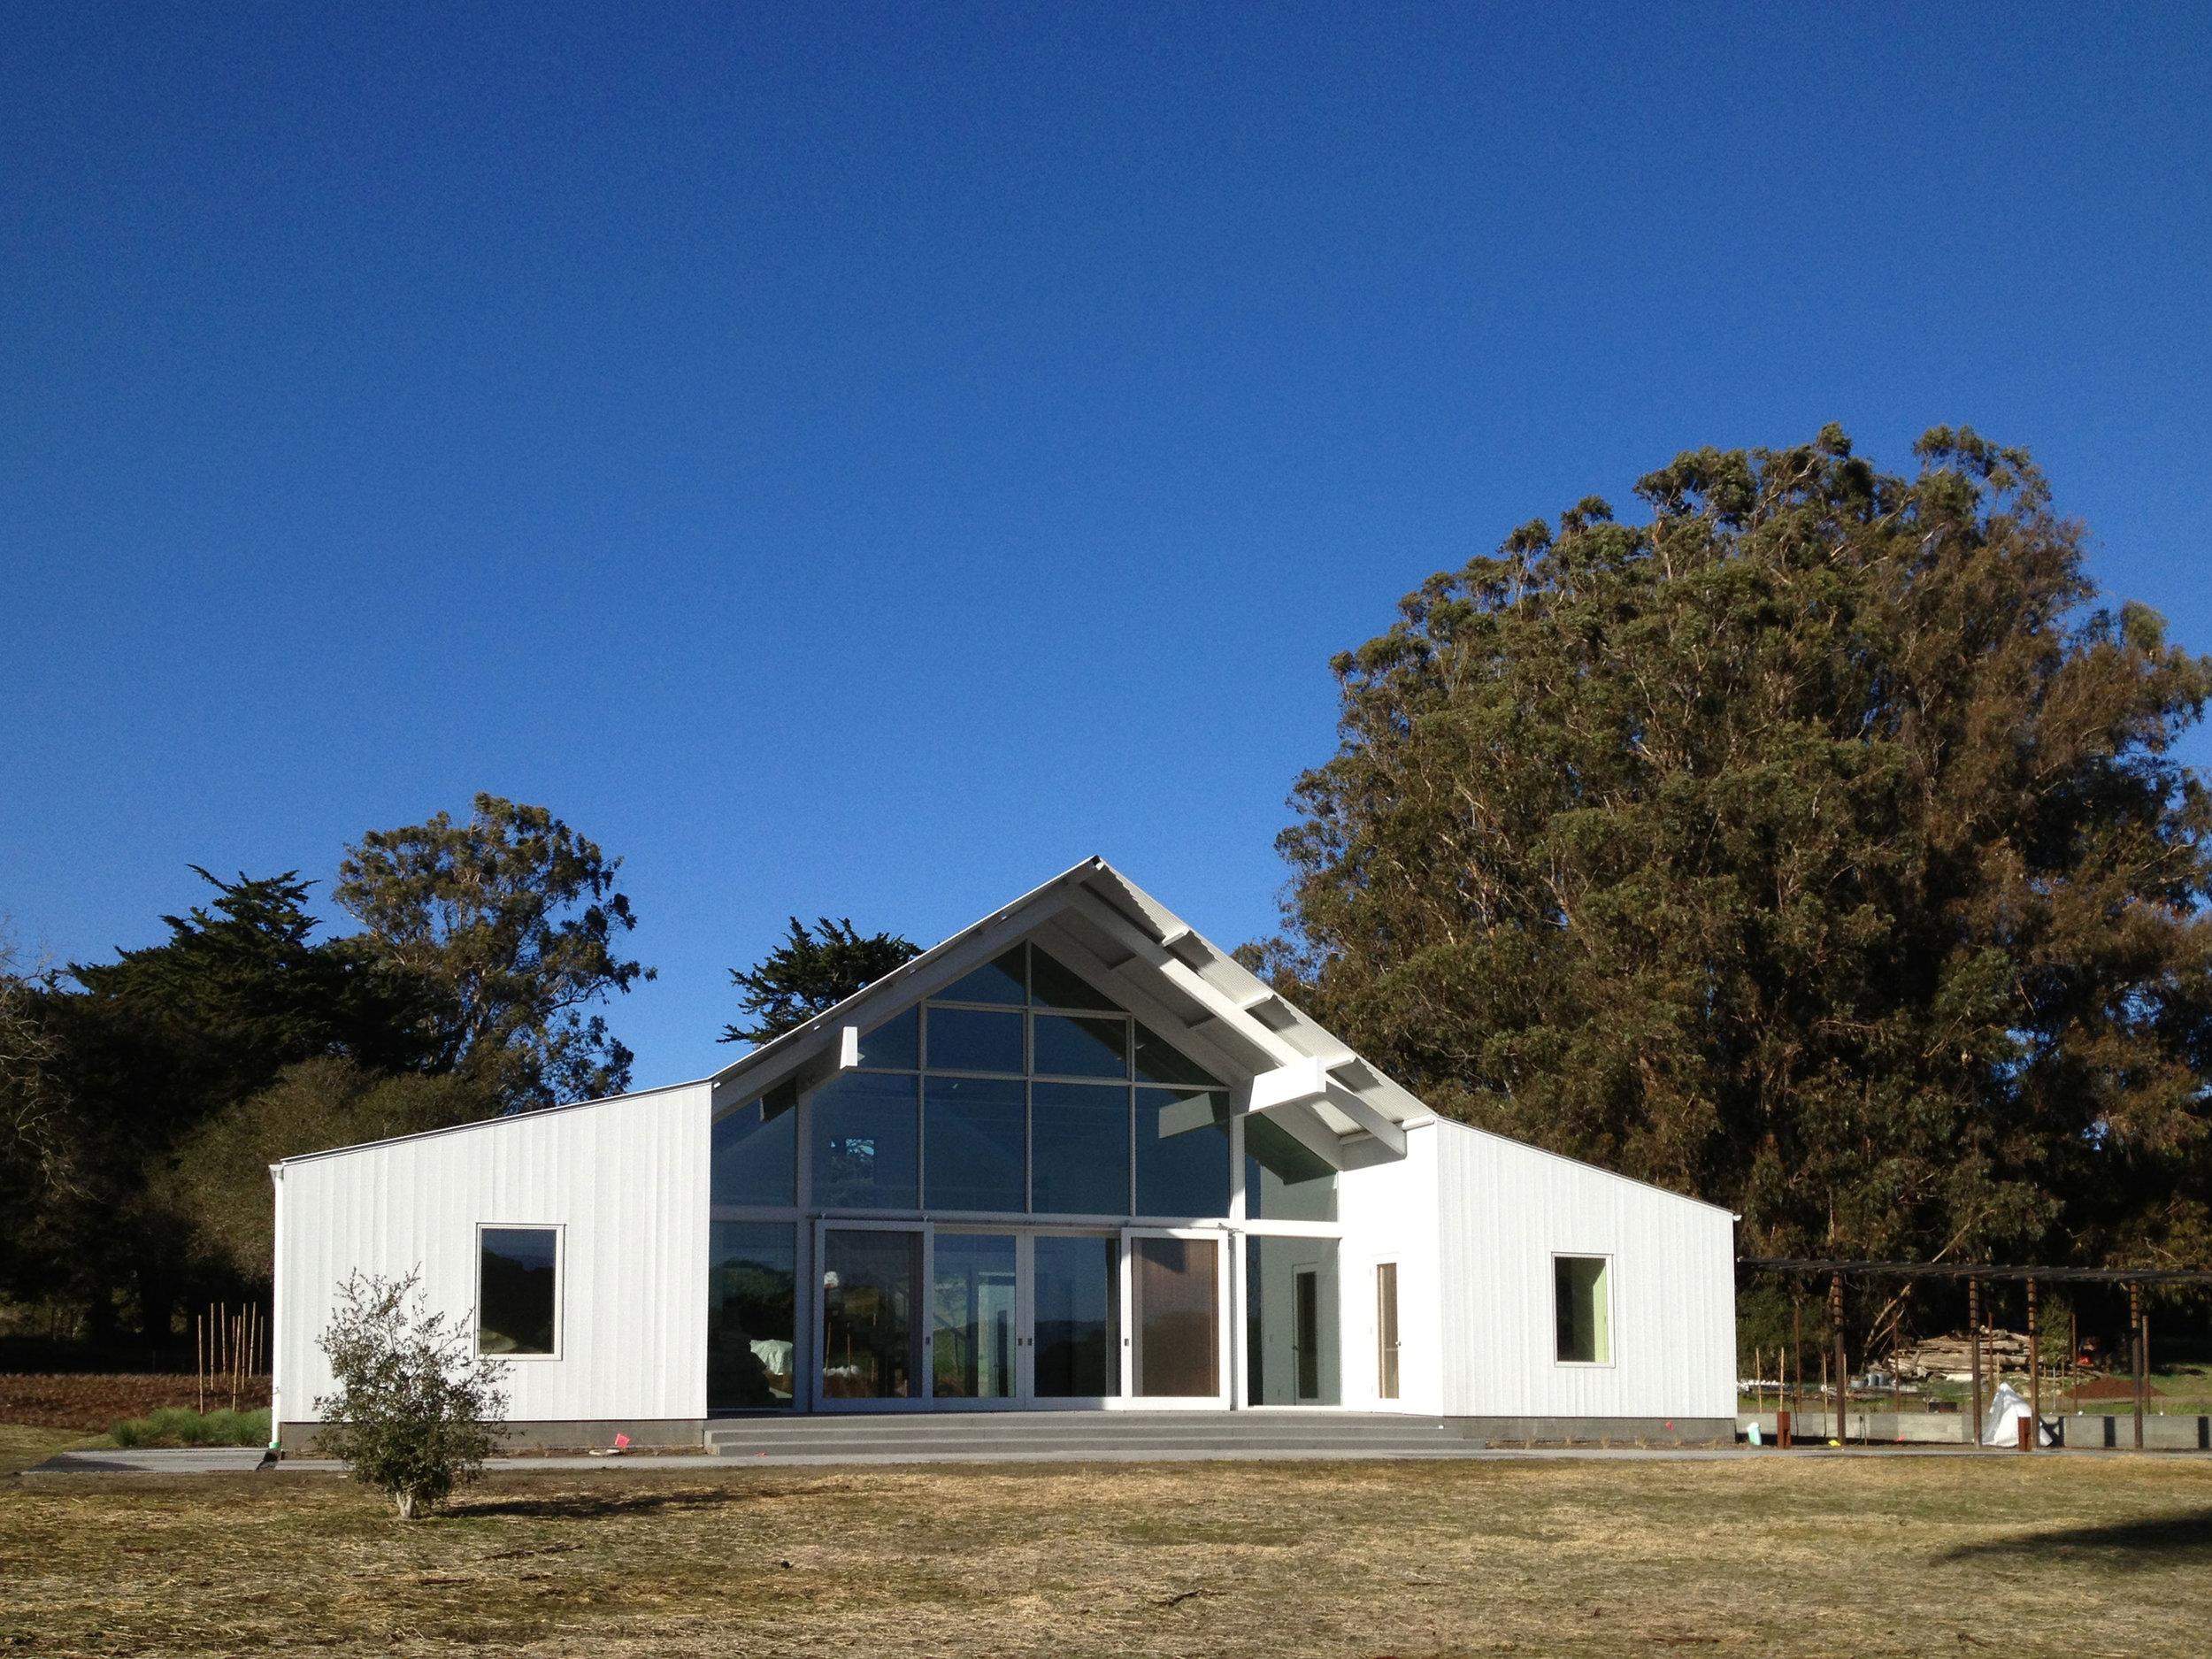 Hupomone-House-1.jpg